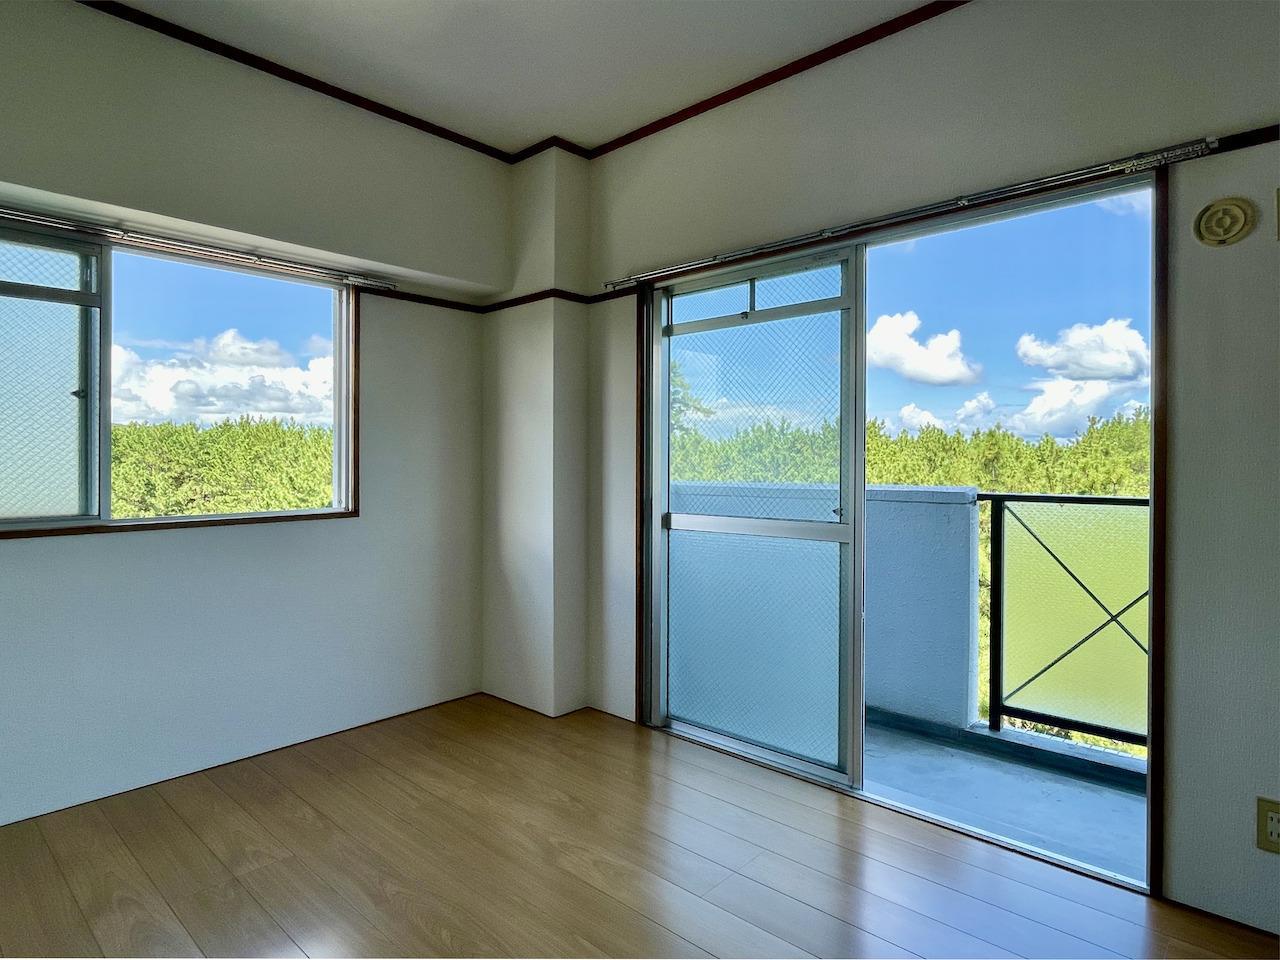 洋室1。もう窓の外には緑がびっしり。